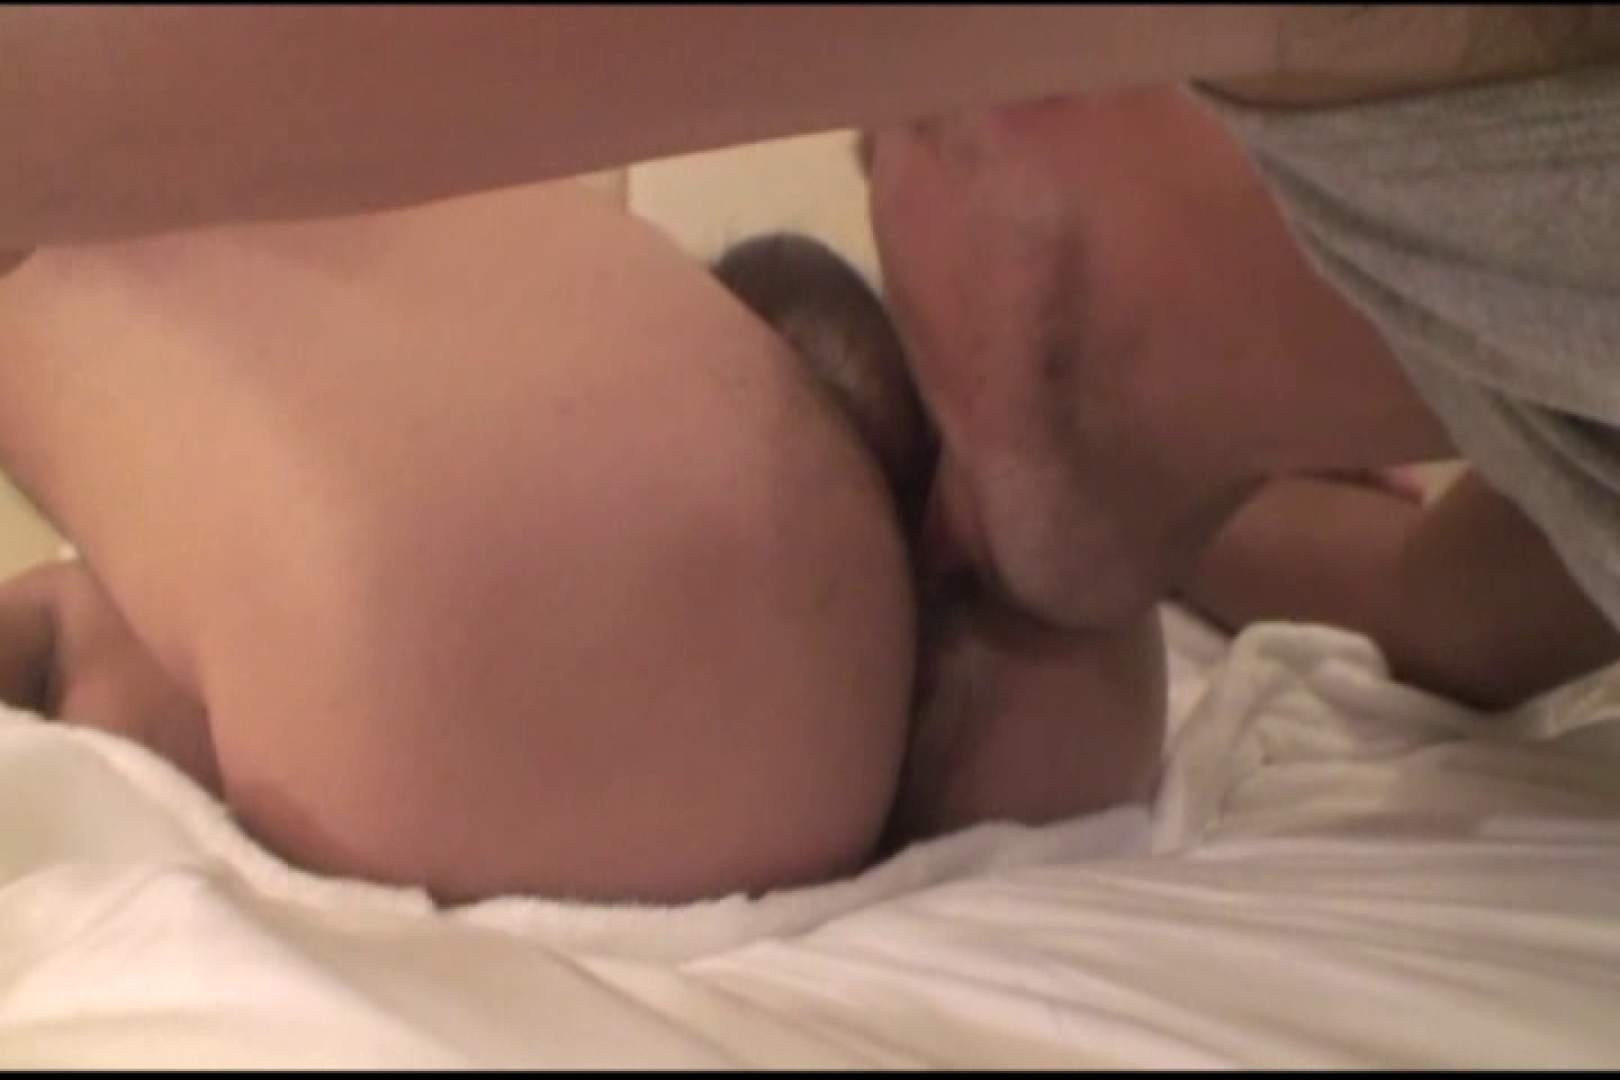 短髪ラガーマン風男子、乳首を舐められ悶絶顔 念願の完全無修正 ゲイセックス画像 84連発 41